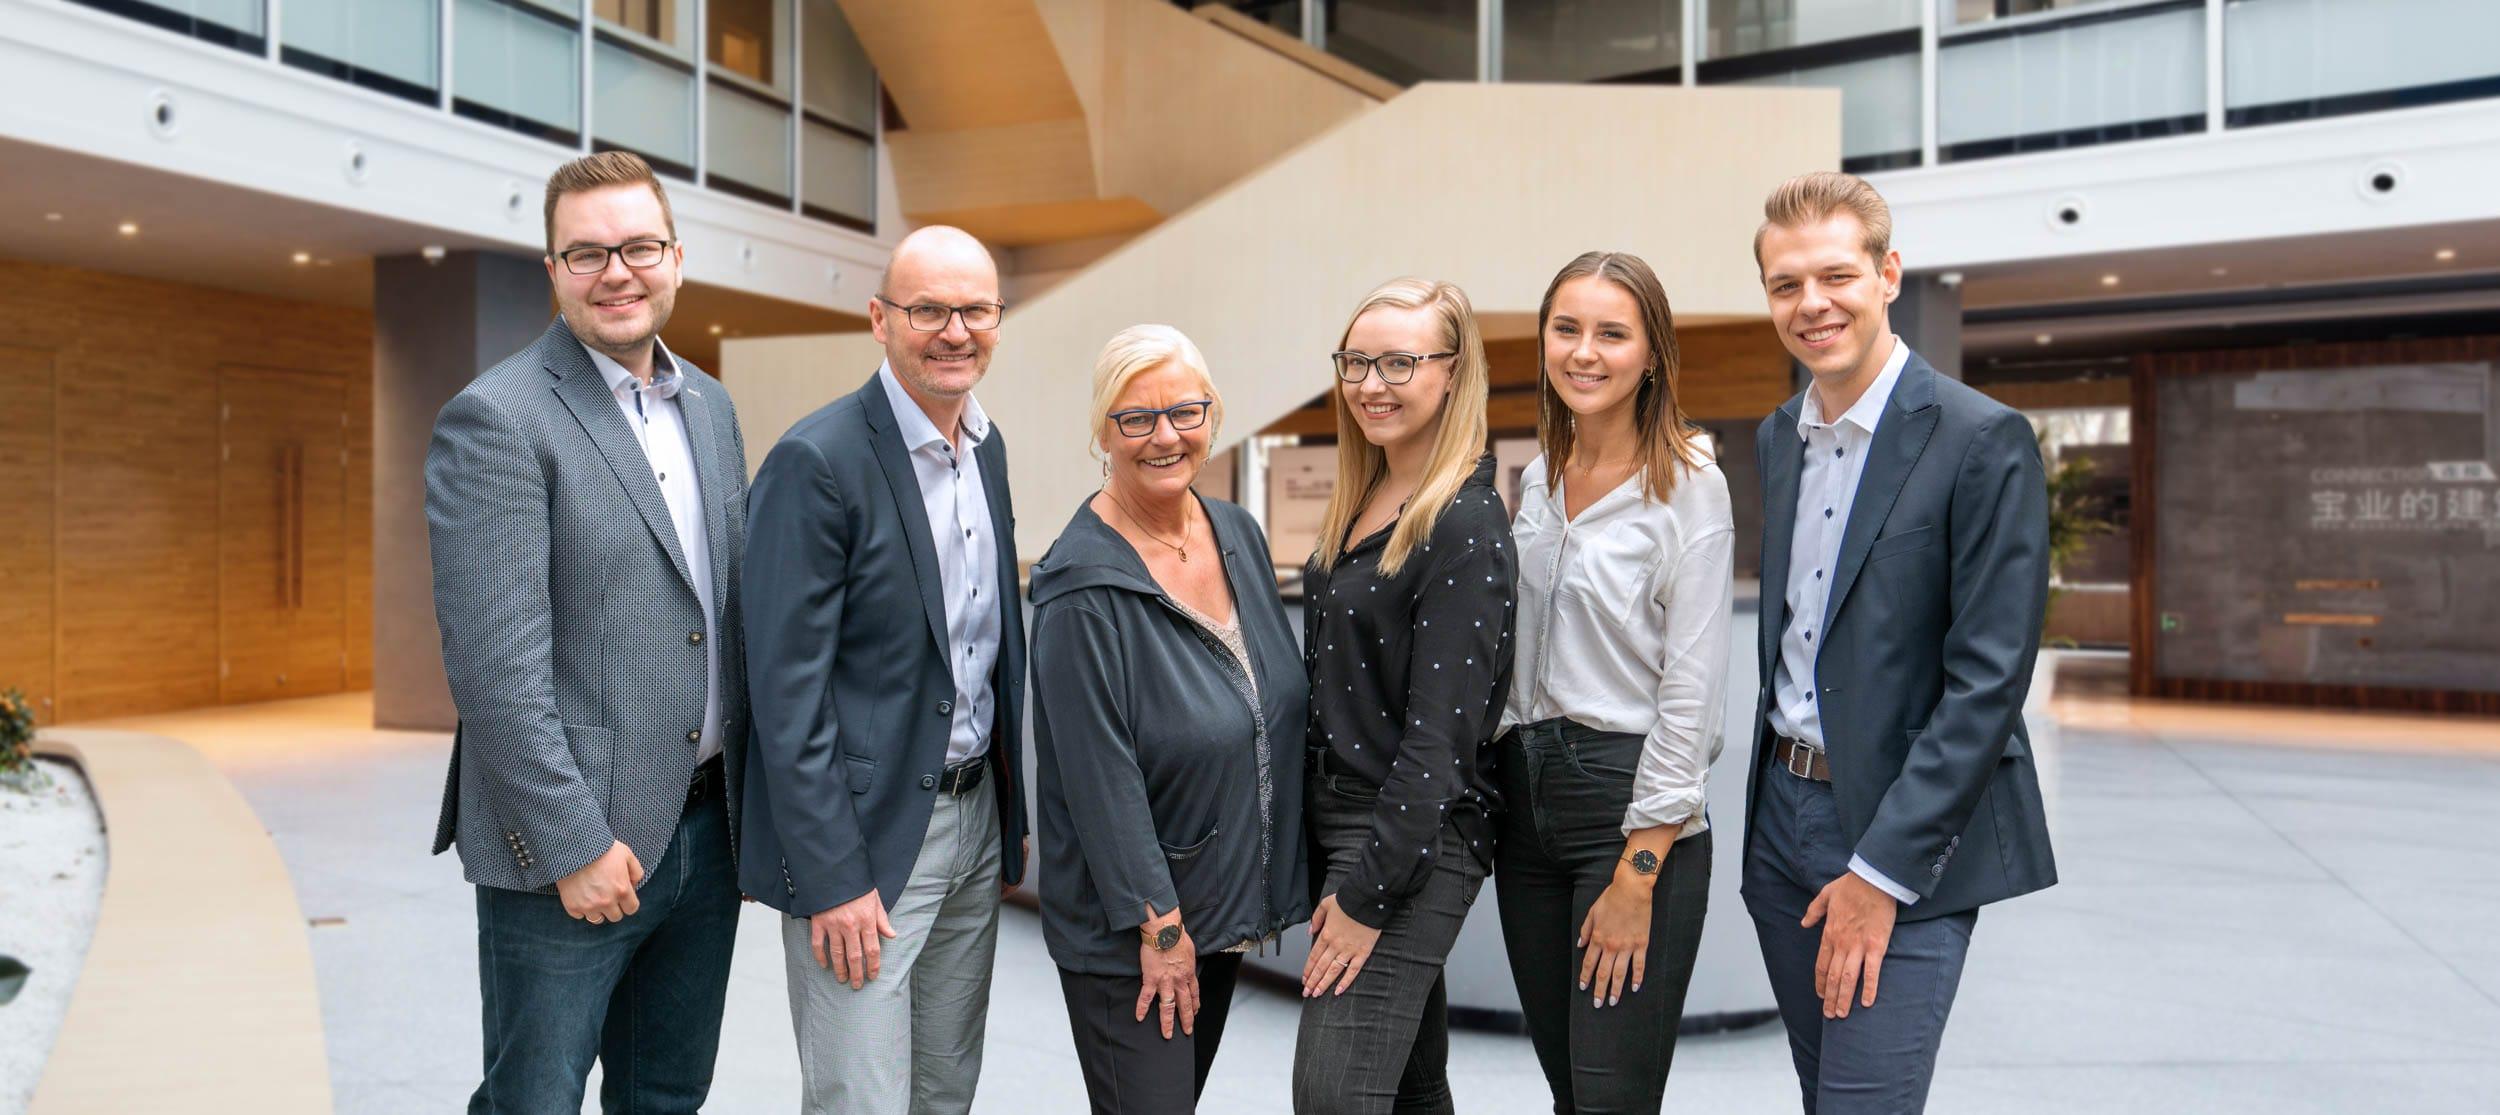 Das Team der Kompforr Immobilienmanagement GmbH